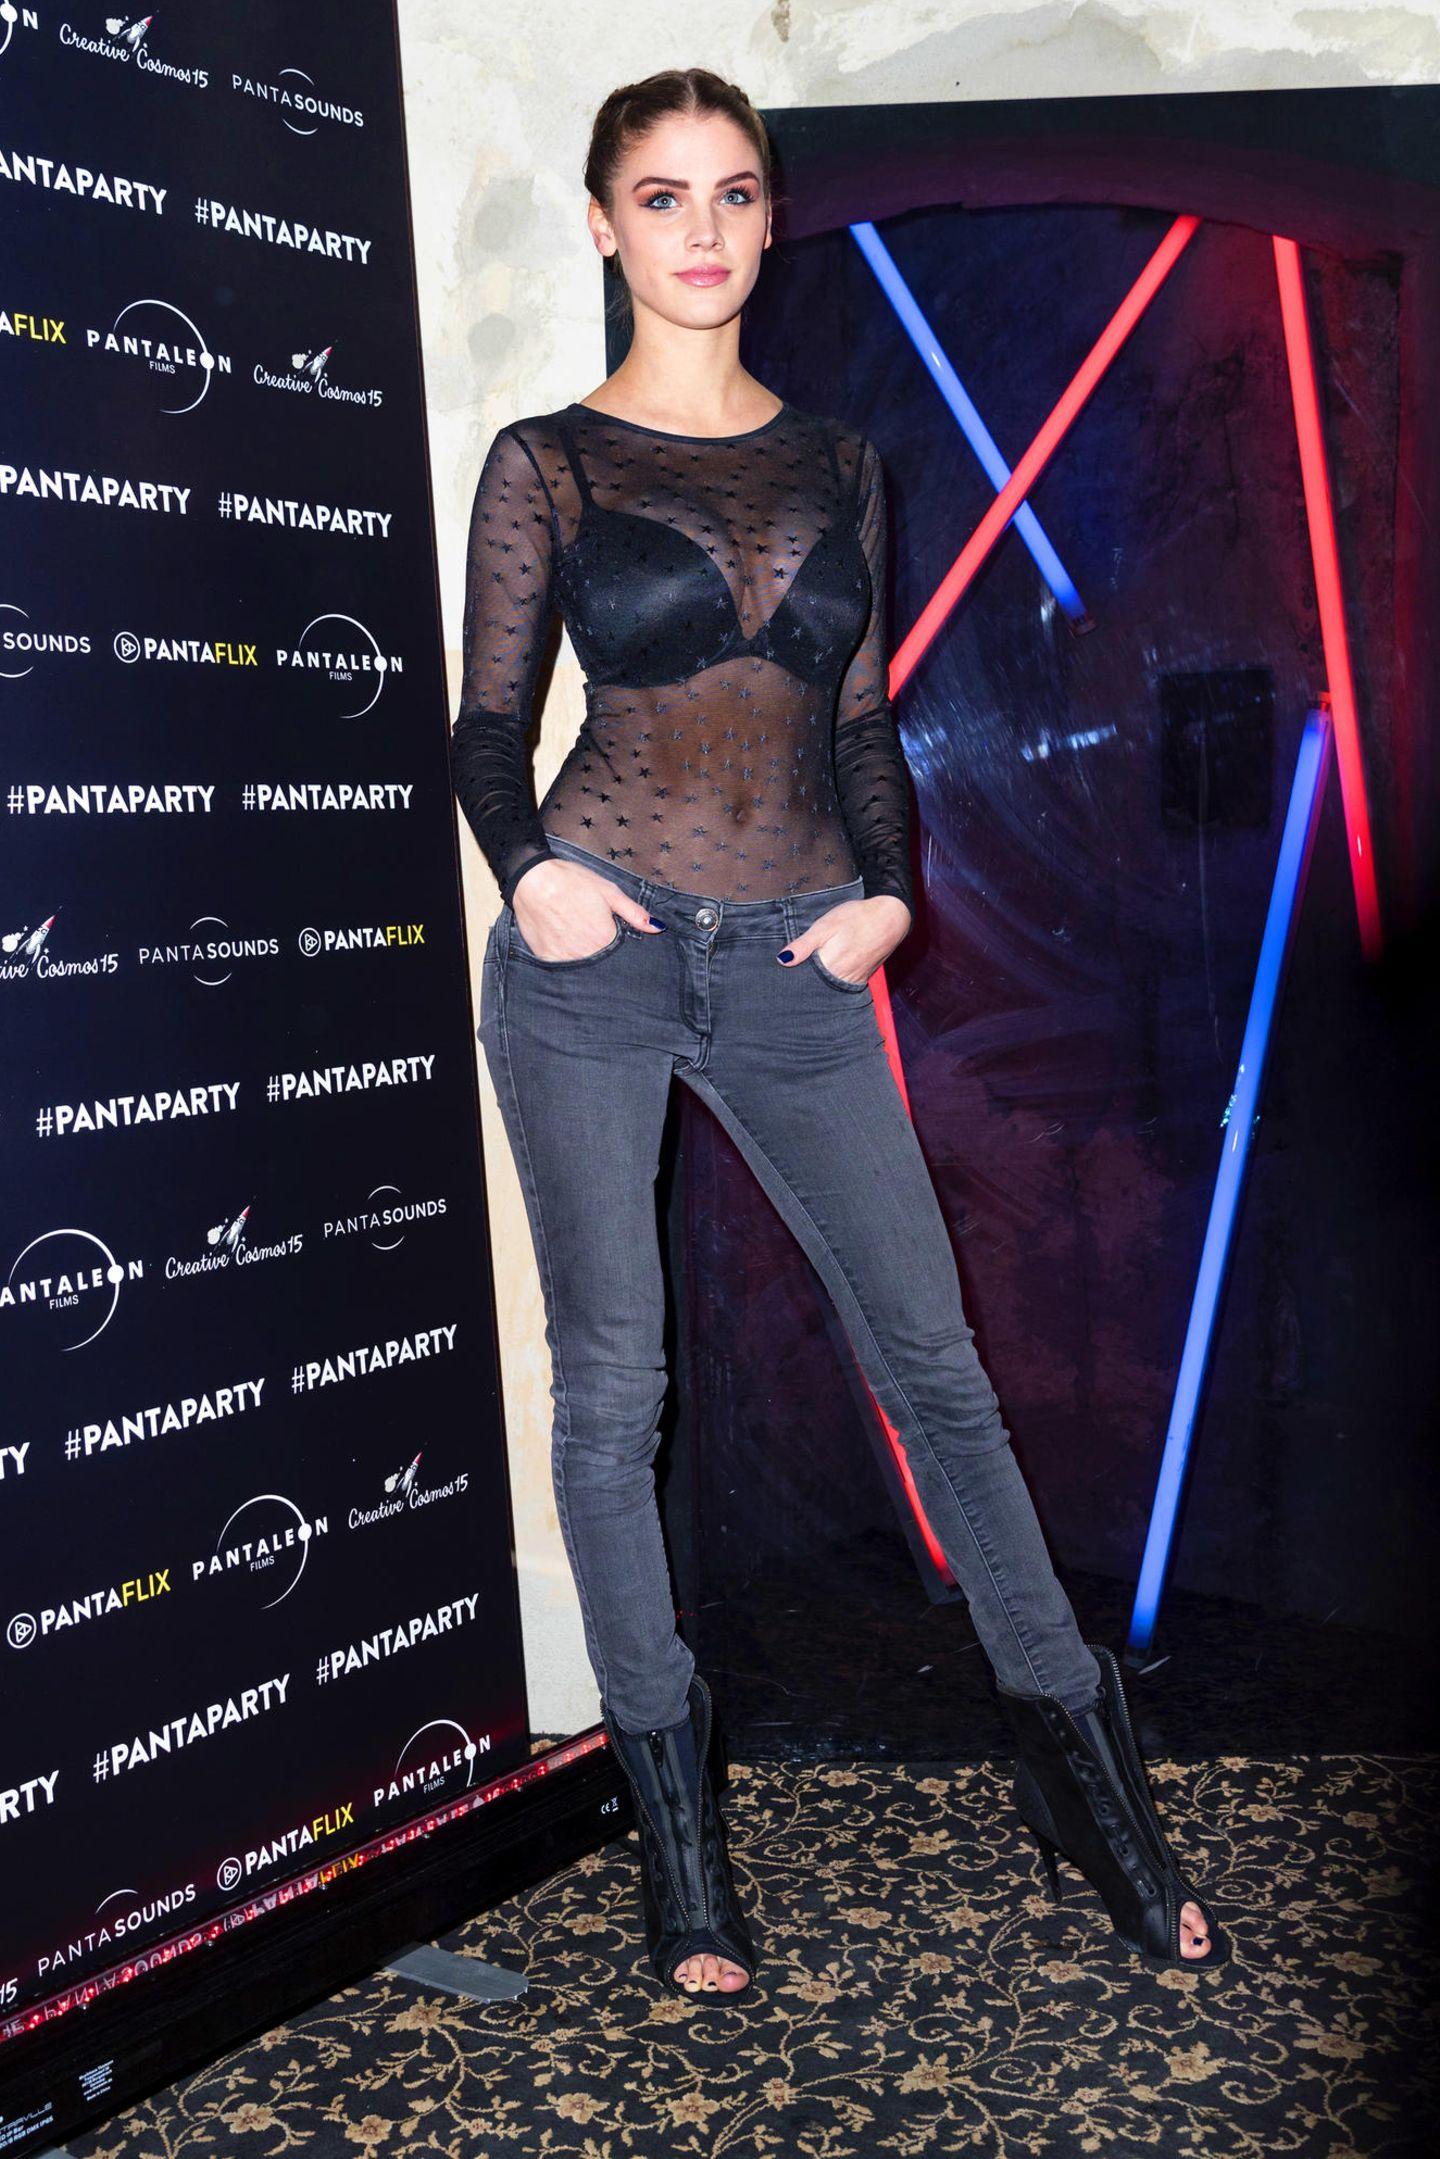 Zu sexy für die Filmfestspiele? Bei einer Berlinale-Party präsentiert sich Schauspielerin Lisa Tomaschewsky im transparenten Spitzen-Body.